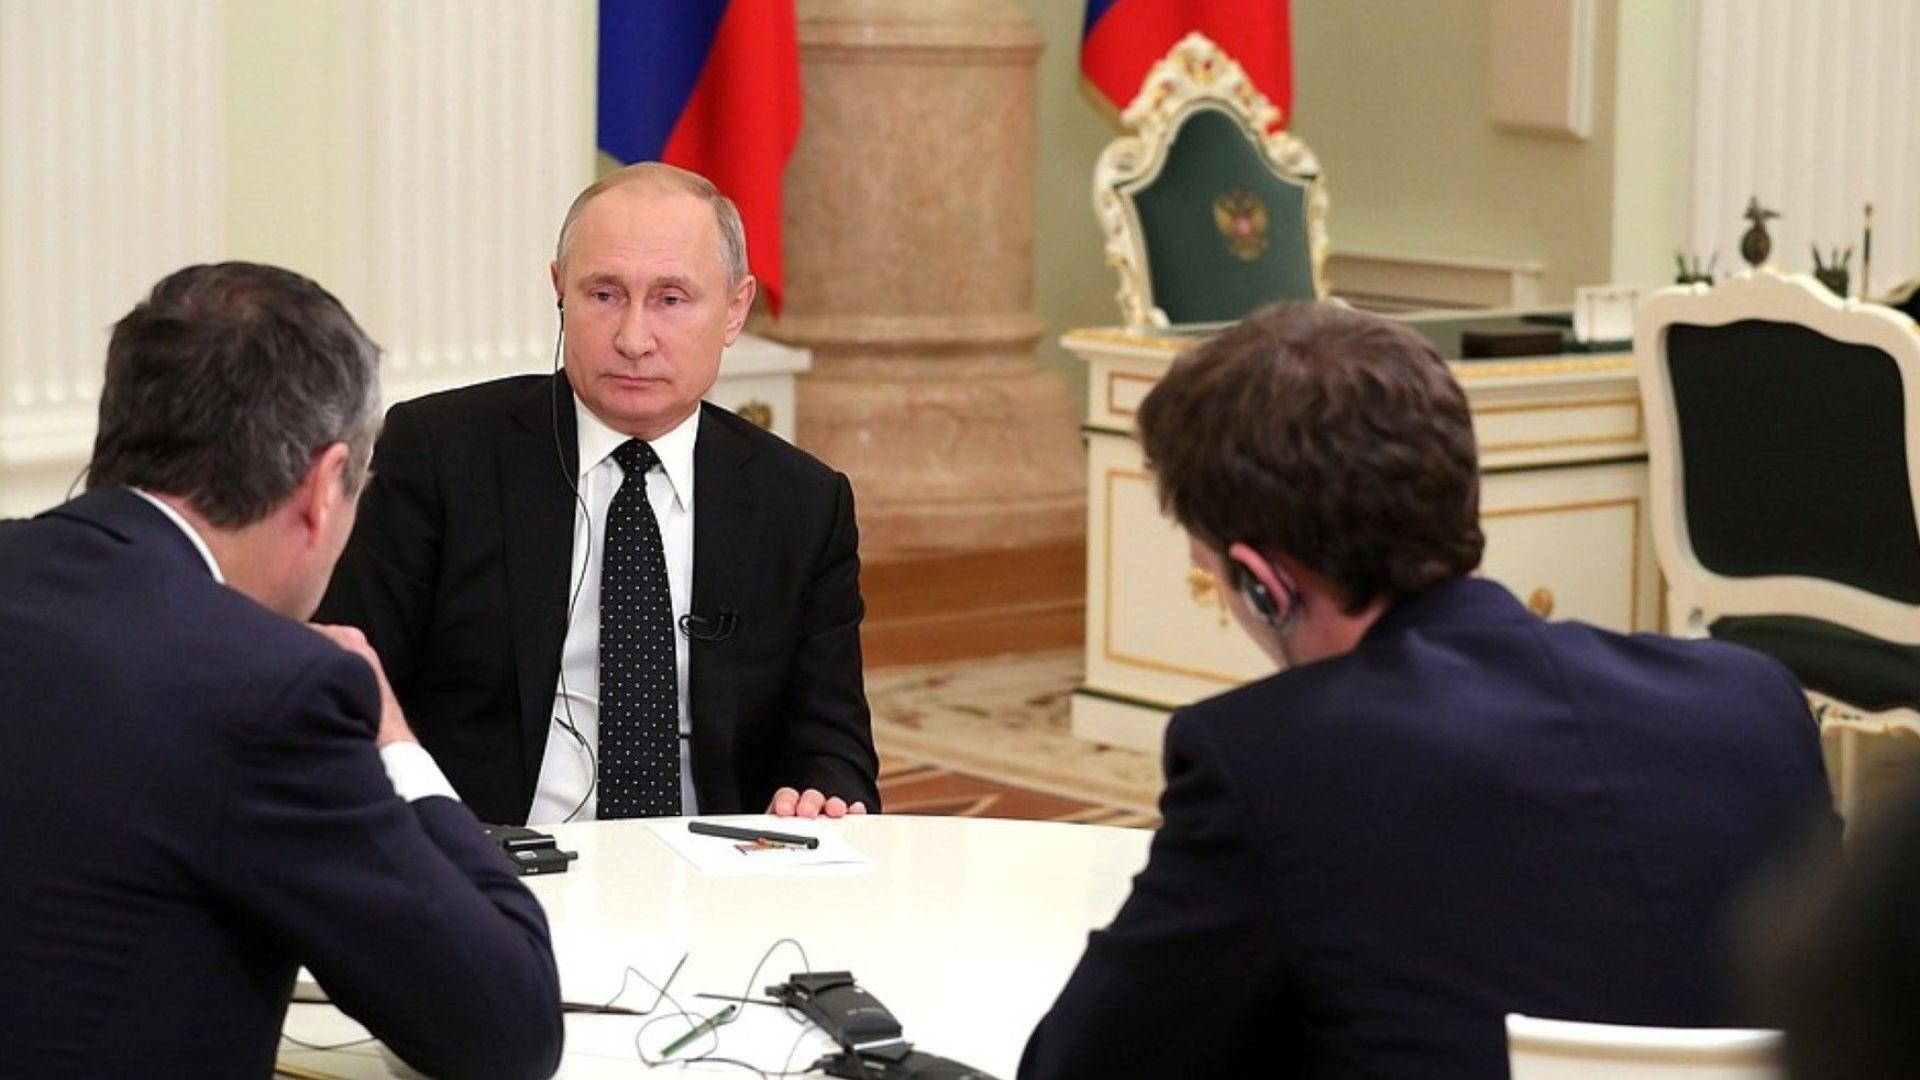 Путин пред FT: За Тръмп, Сирия, Венецуела и либерализма